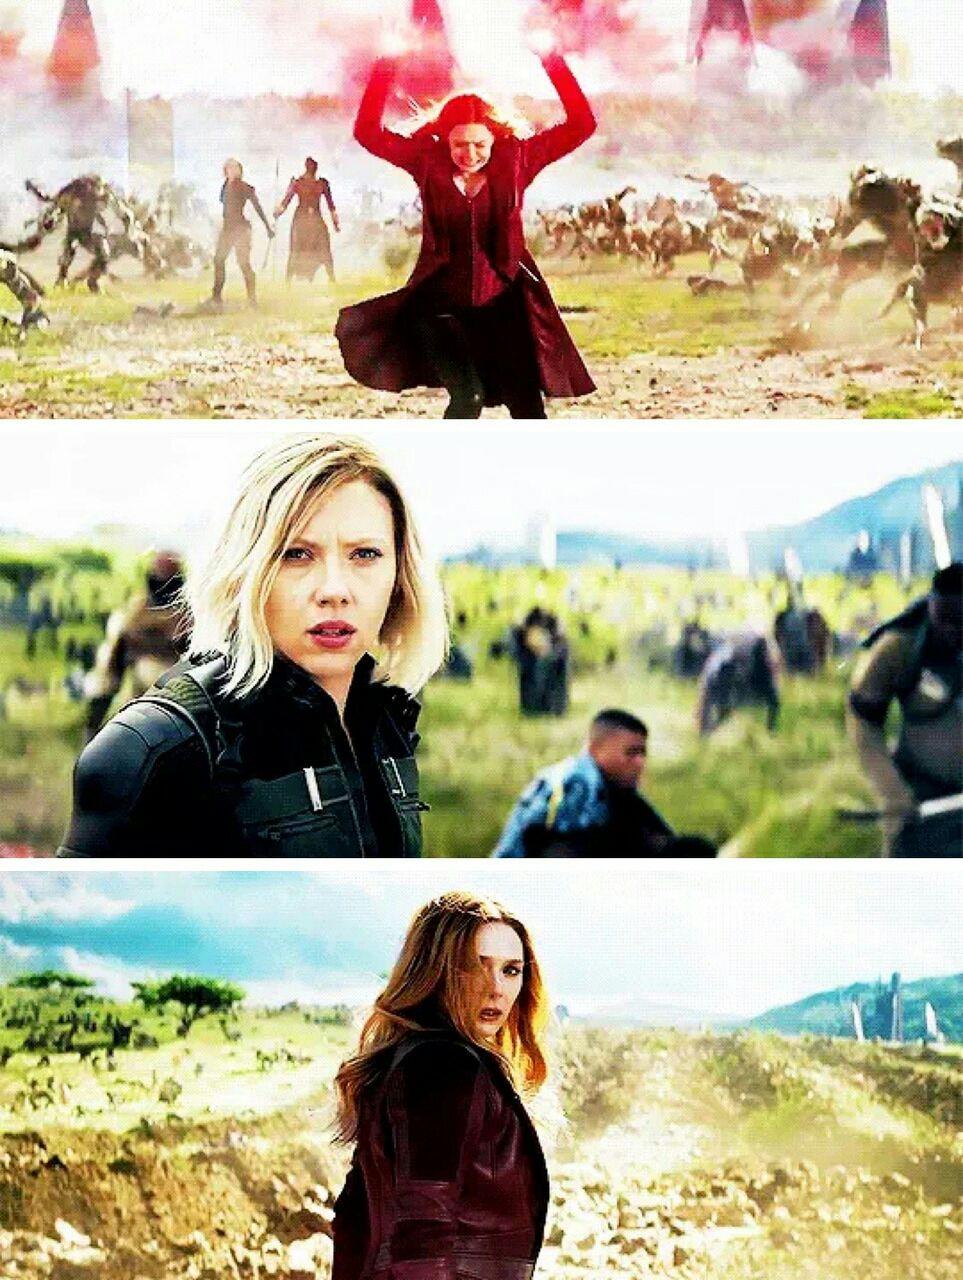 Black Widow And Scarlett Witch Avengers Infinity War 1 2 Foto 41586162 Fanpop Page 102